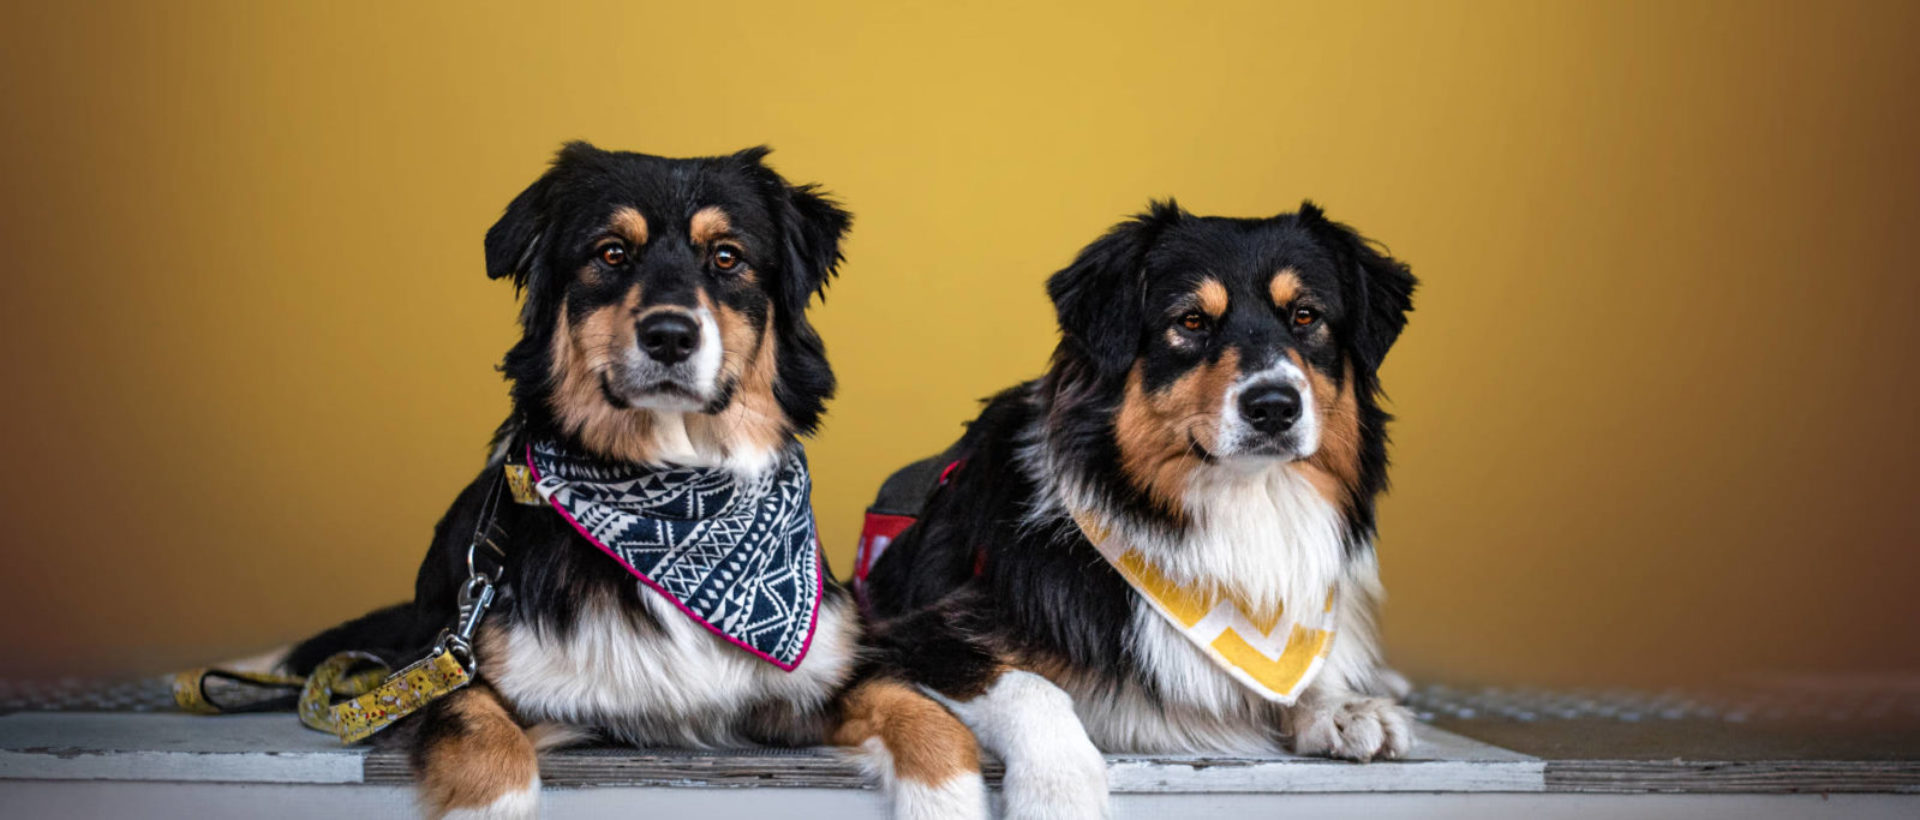 Evénements - Animal University - Vivre et travailler dans le respect de l'animal